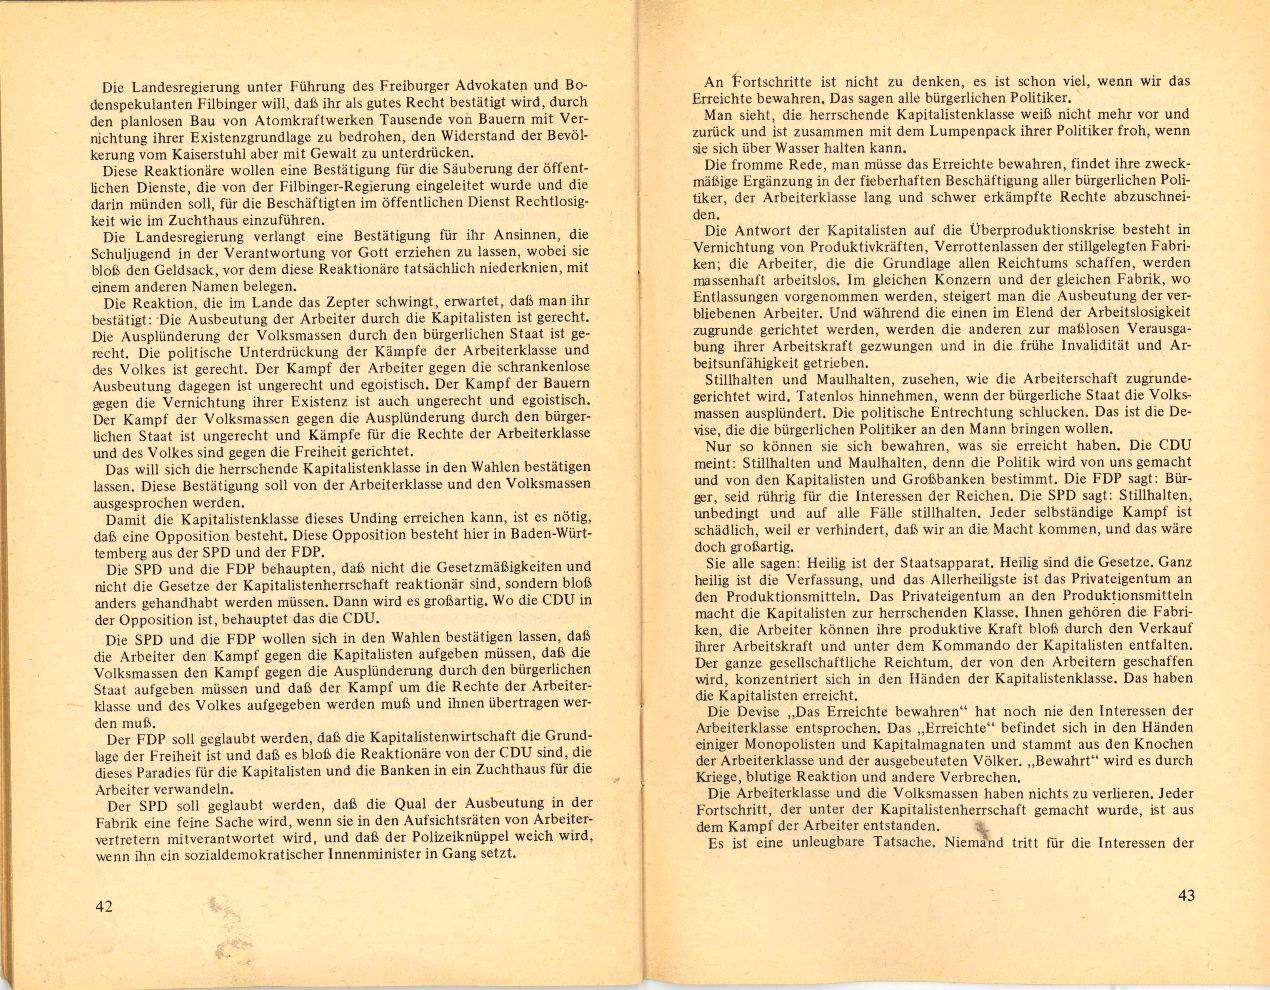 KBW_Materialien_zur_Auseinandersetzung_in_der_mlB_1976_23